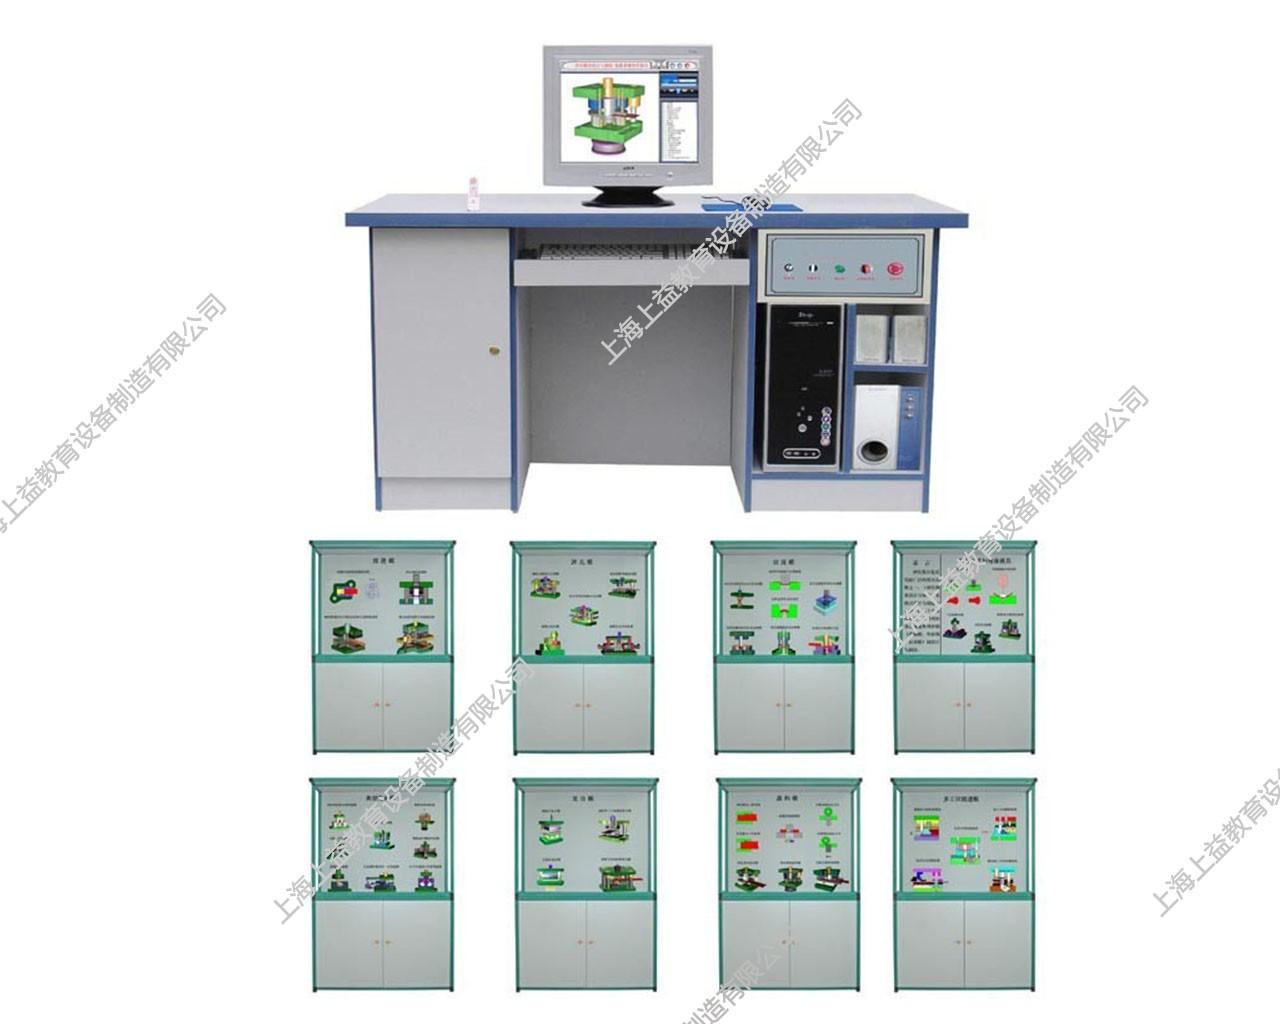 SYGLG-116 冲压磨具设计与制造语音多功能控制陈列柜